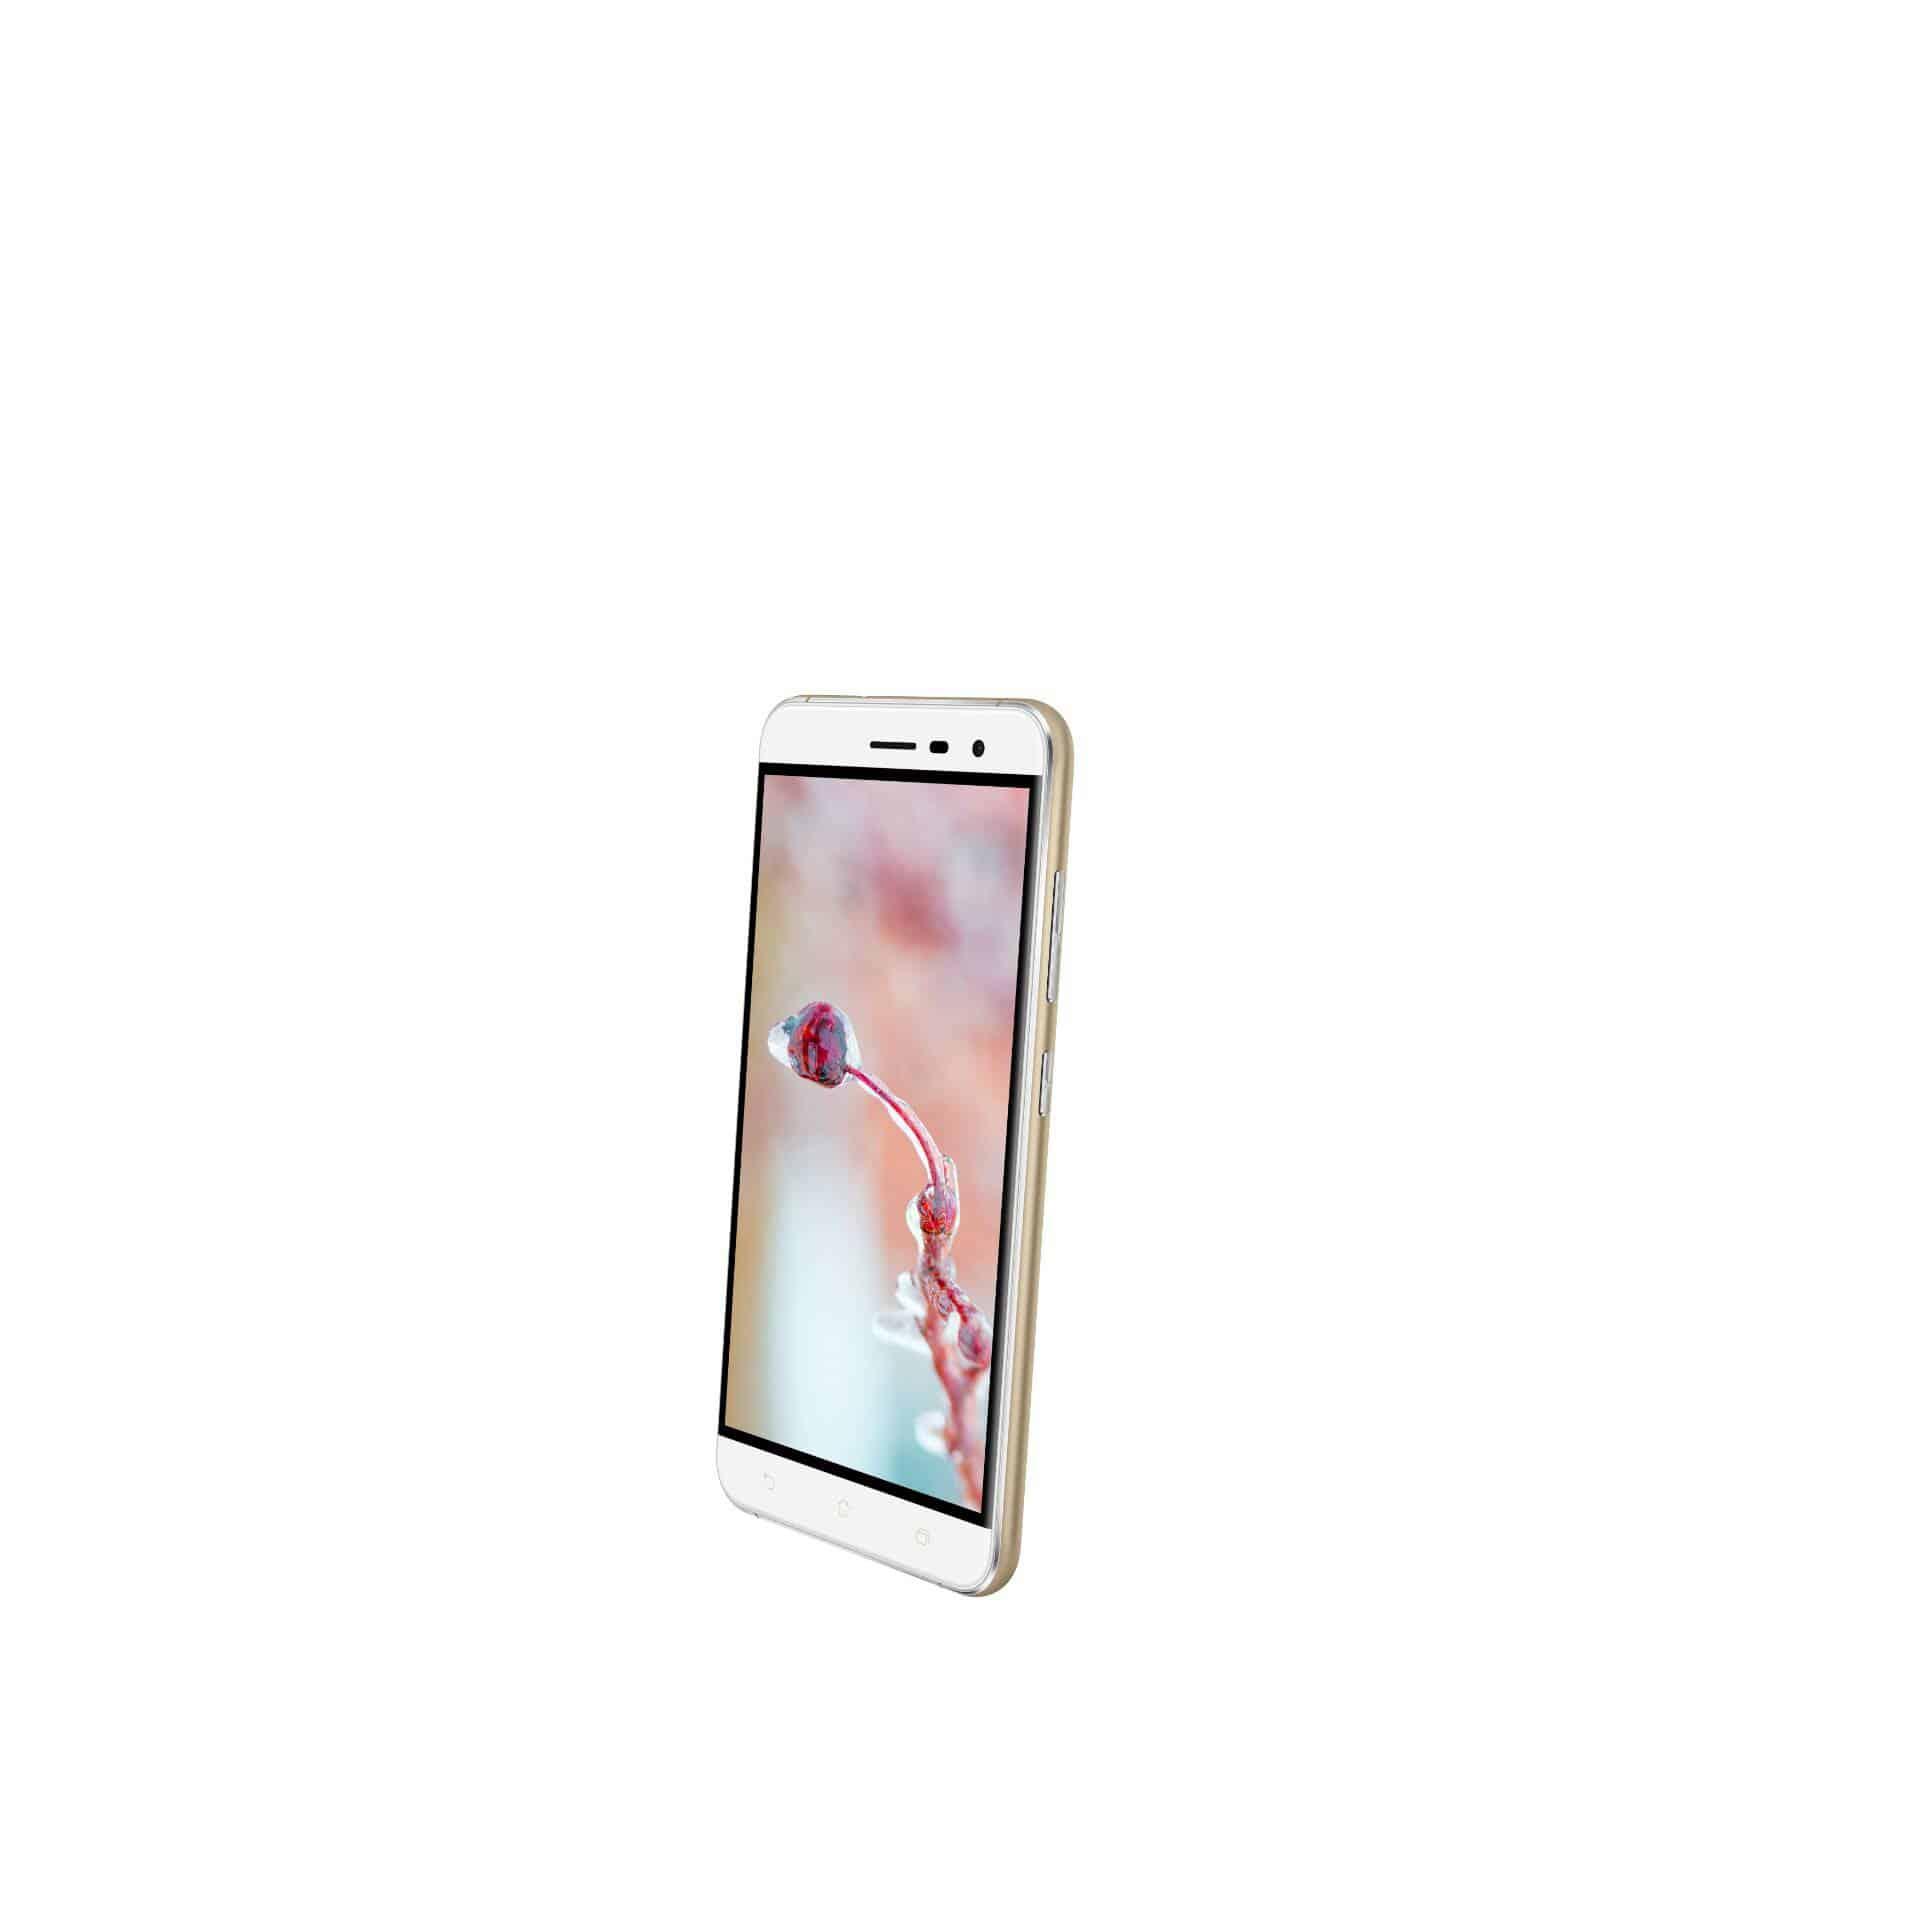 ASUS ZenFone 3 14